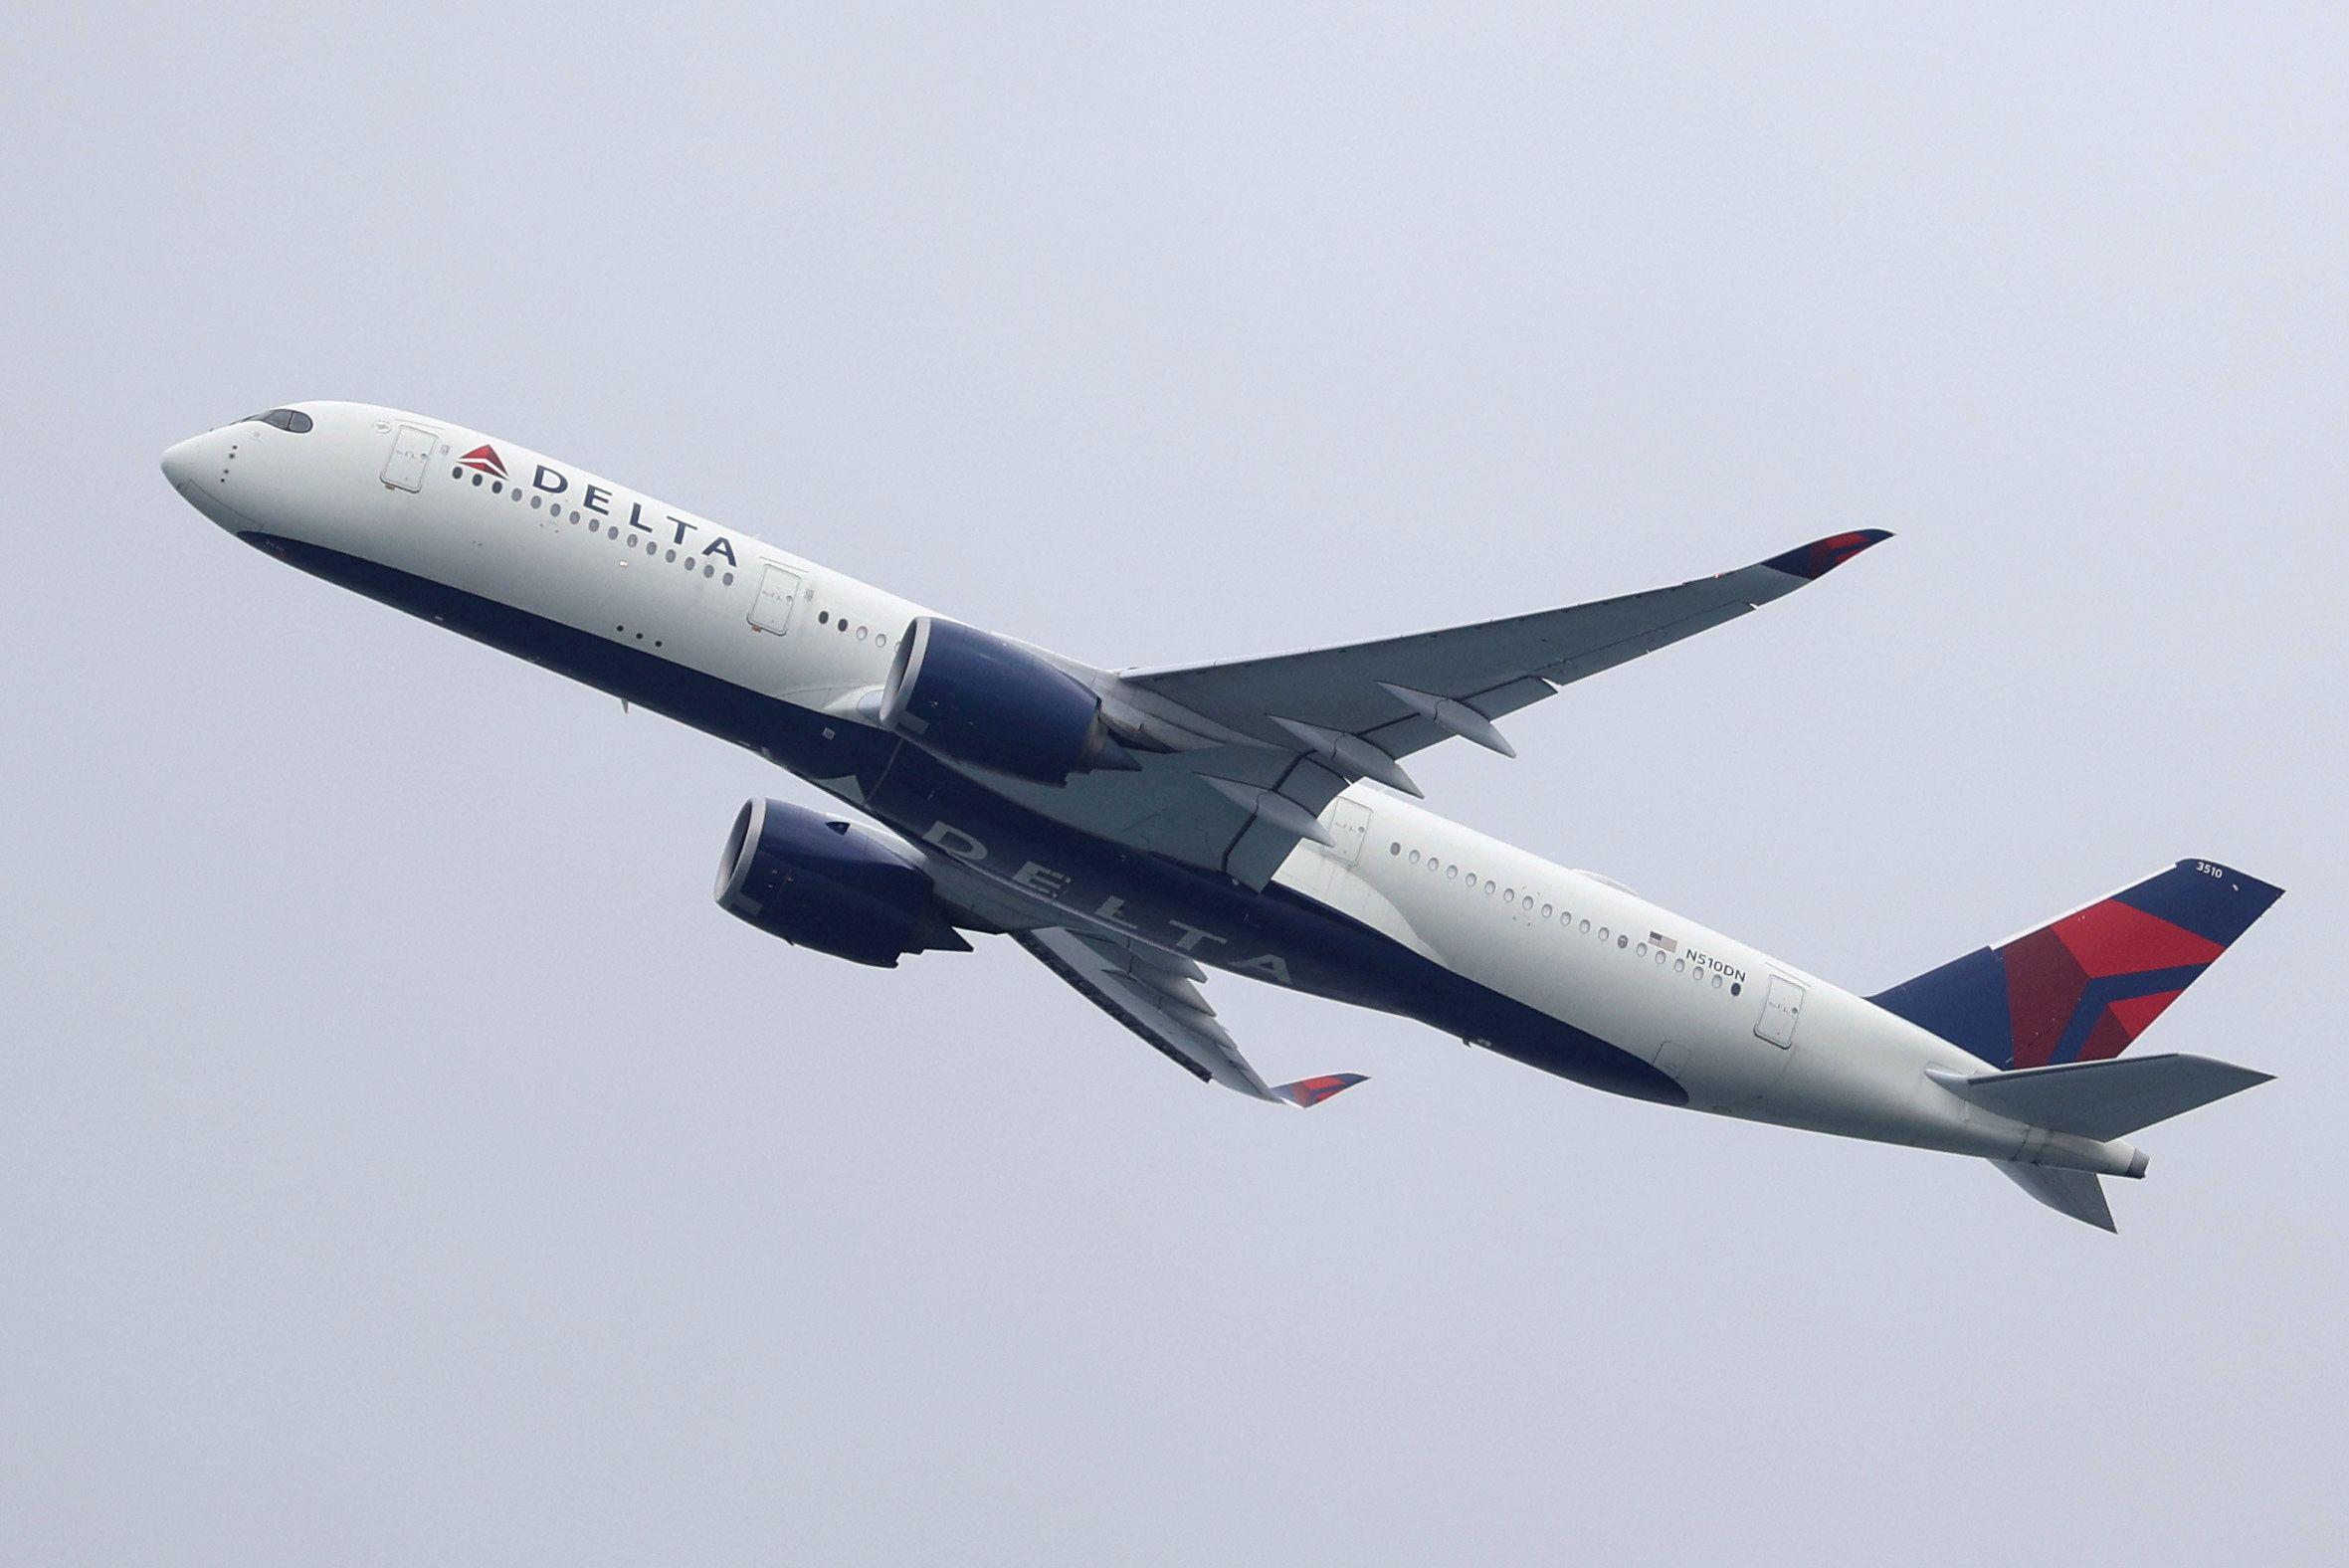 Un avion de la compagnie Delta décolle de Sydney, le 28 octobre